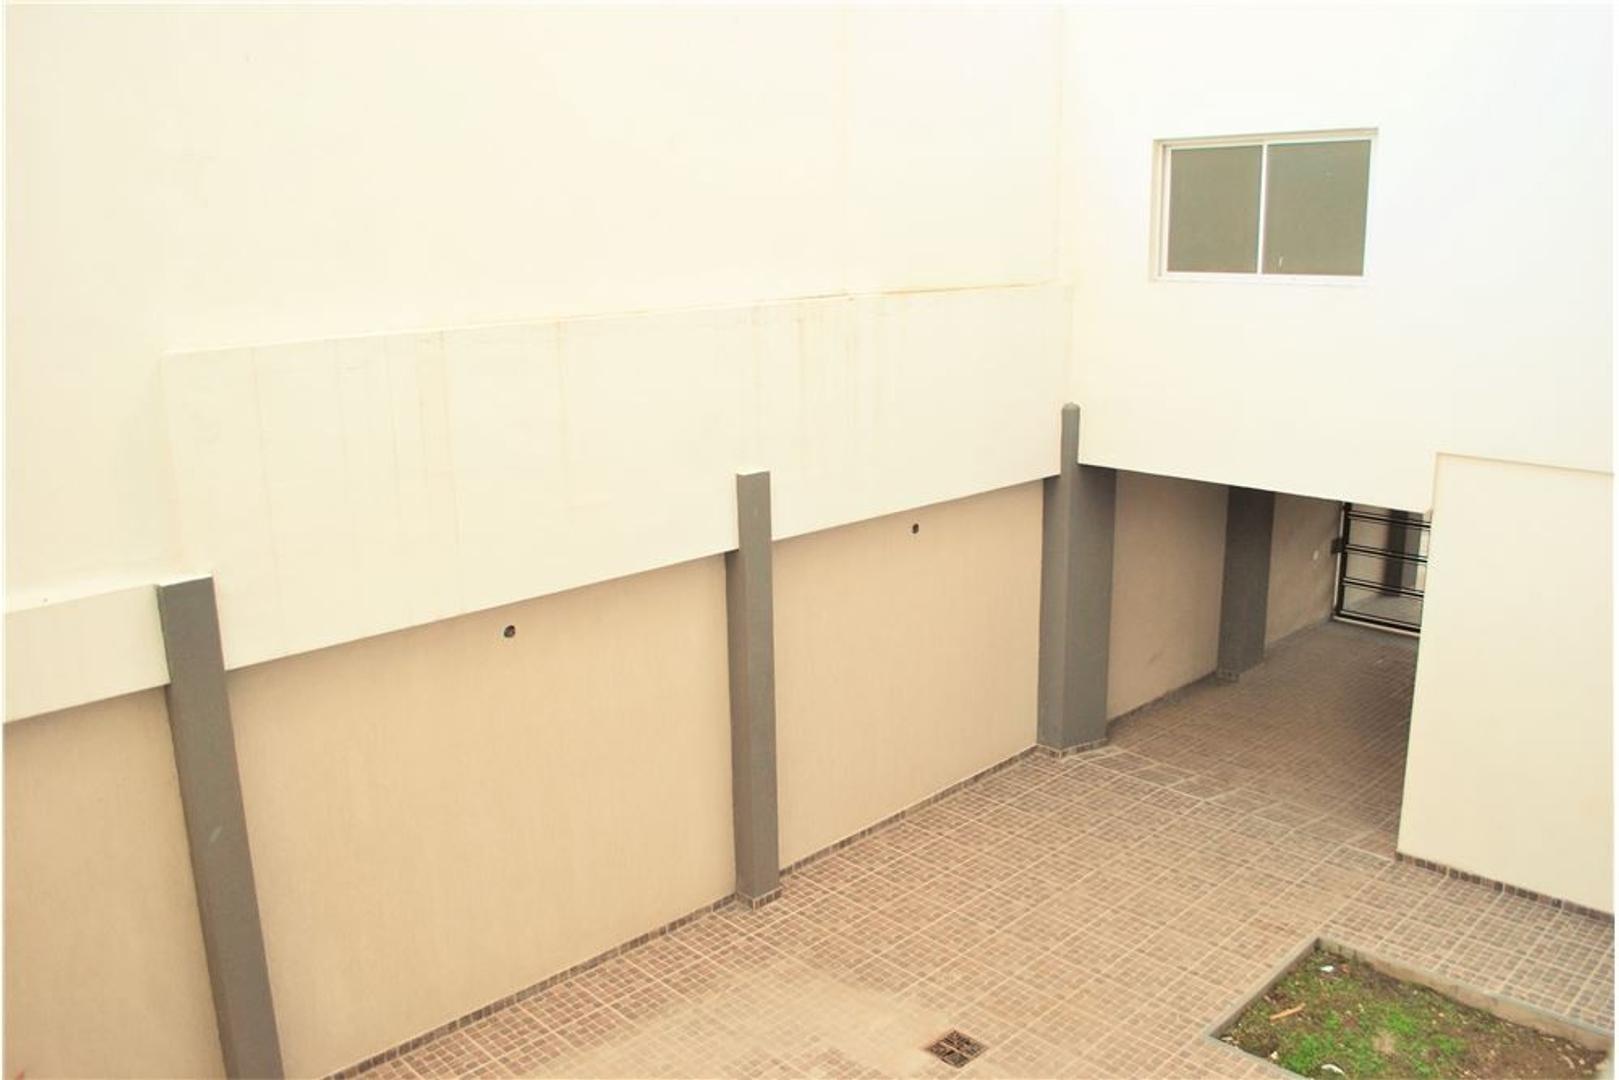 Departamento monoambiente a estrenar Moreno - Foto 14